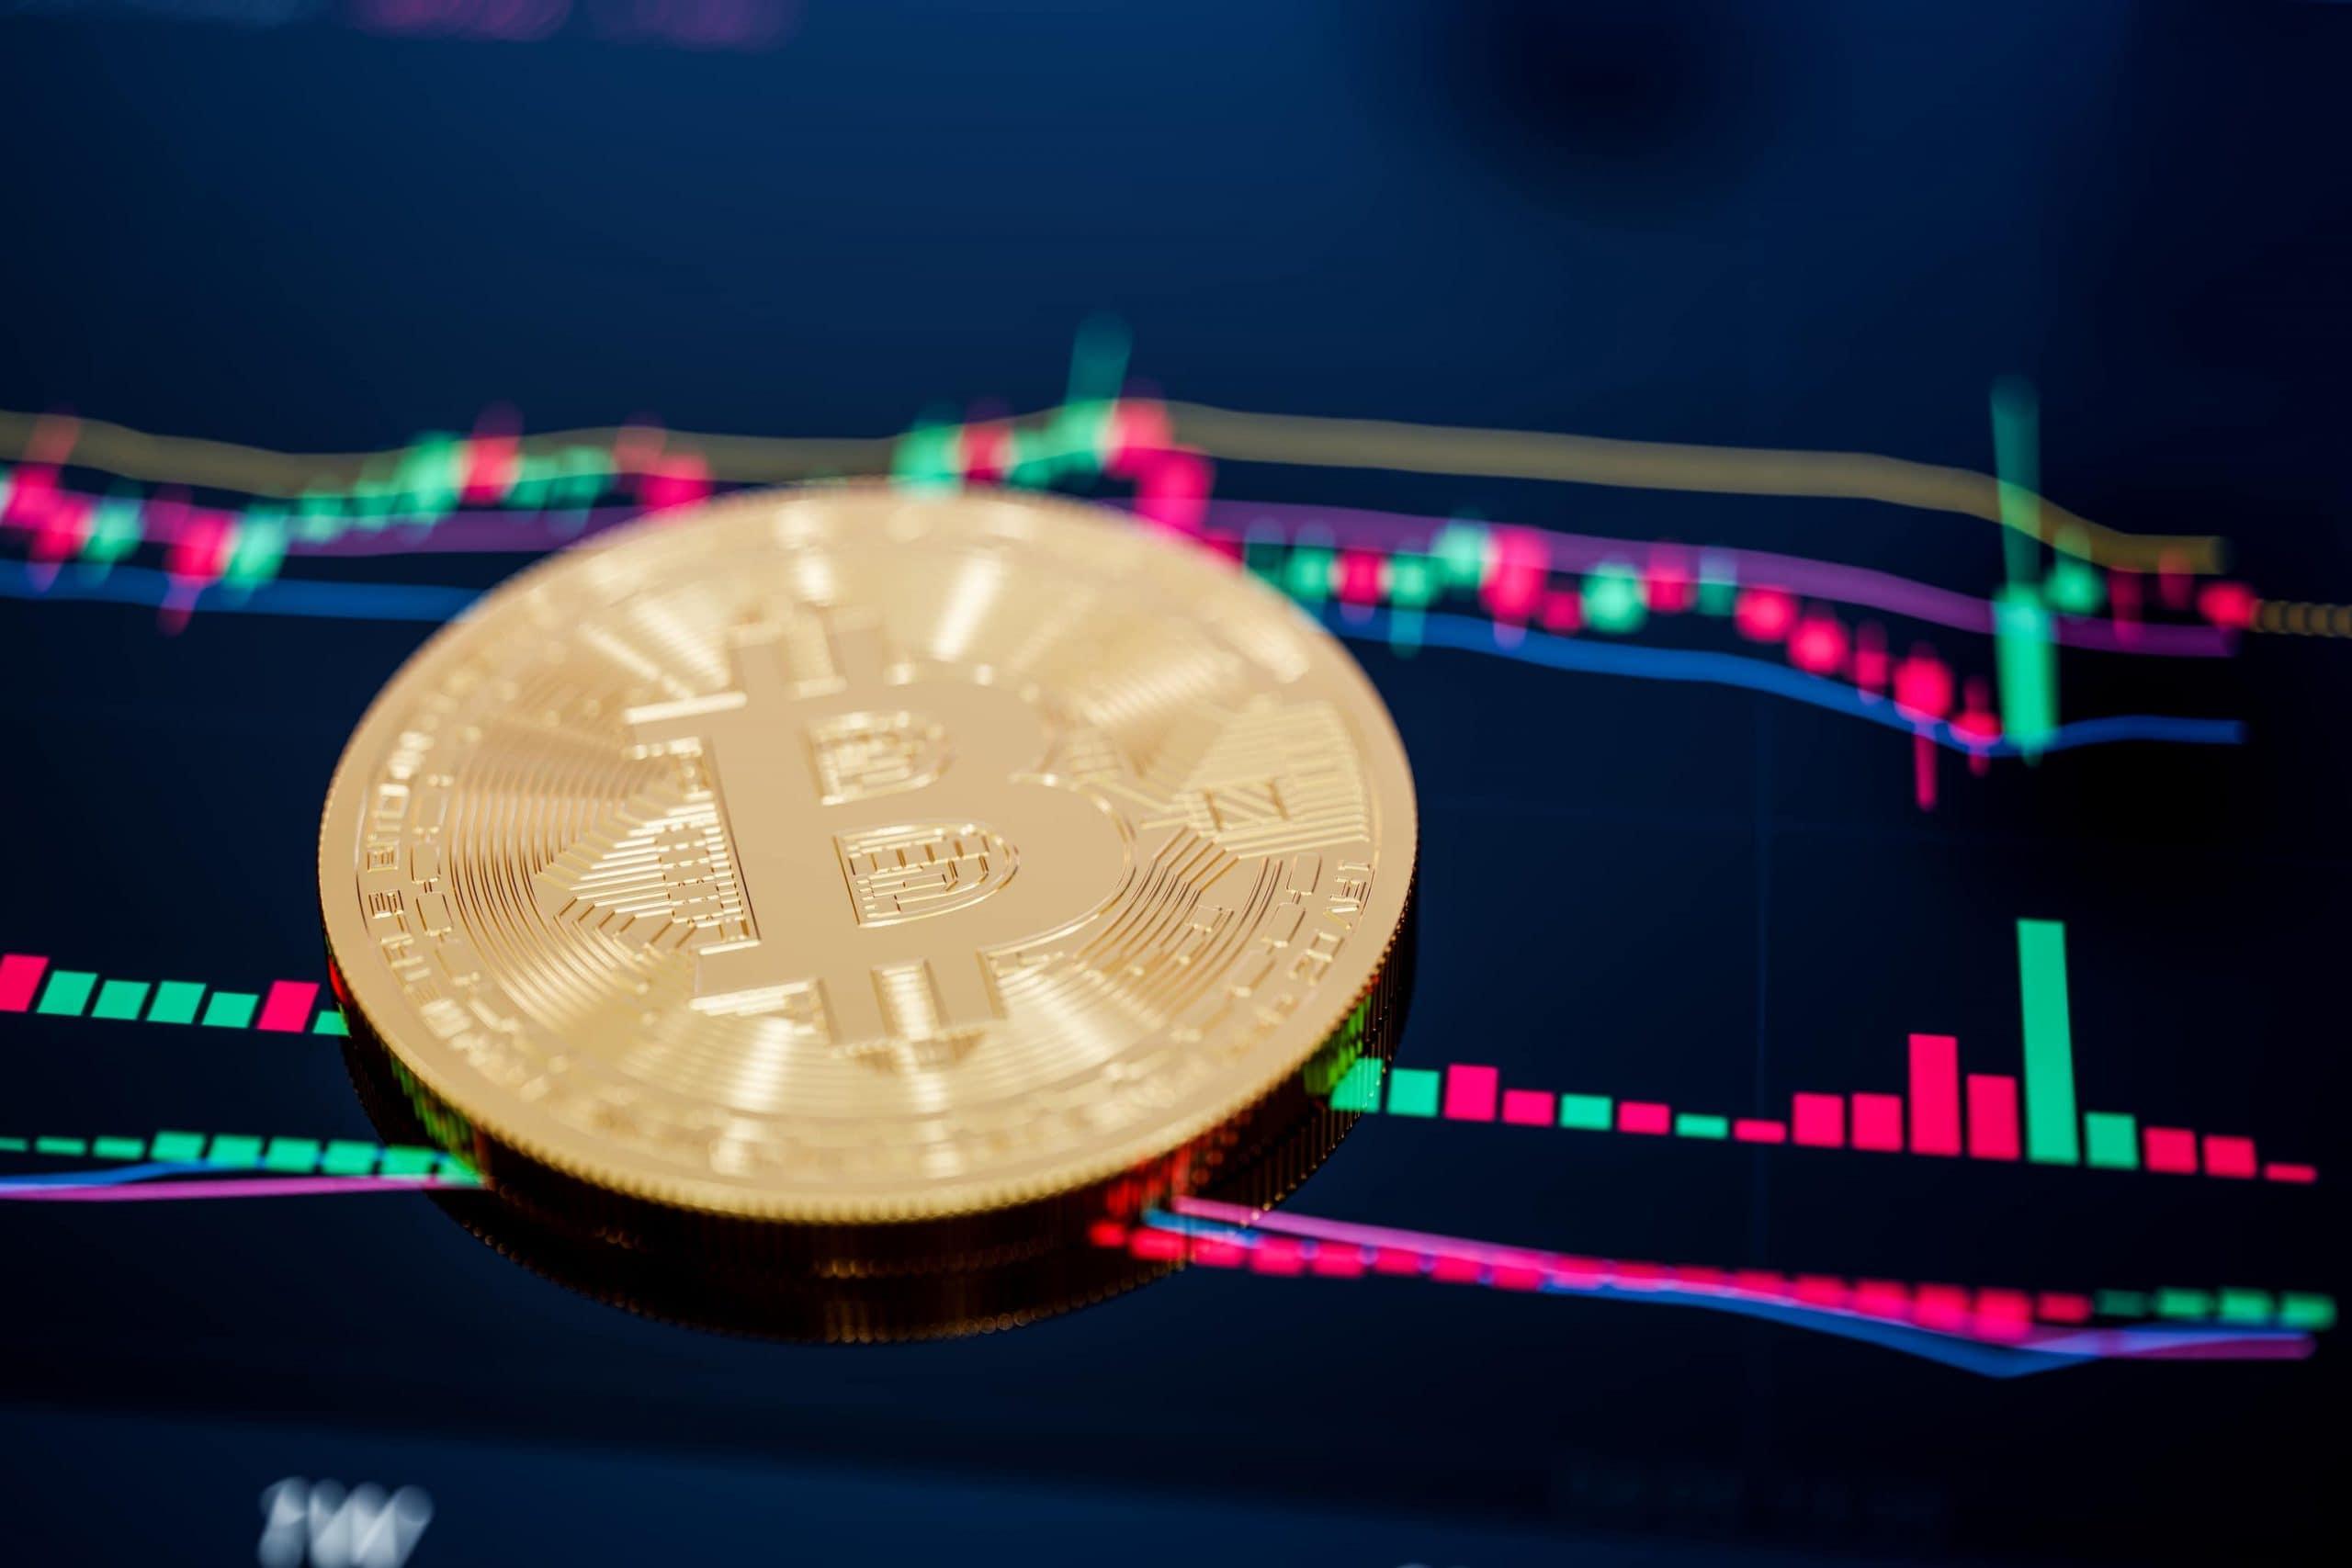 Bitcoin-Münze und Charttechnik symbolisieren Bitcoin-Wertpapiere